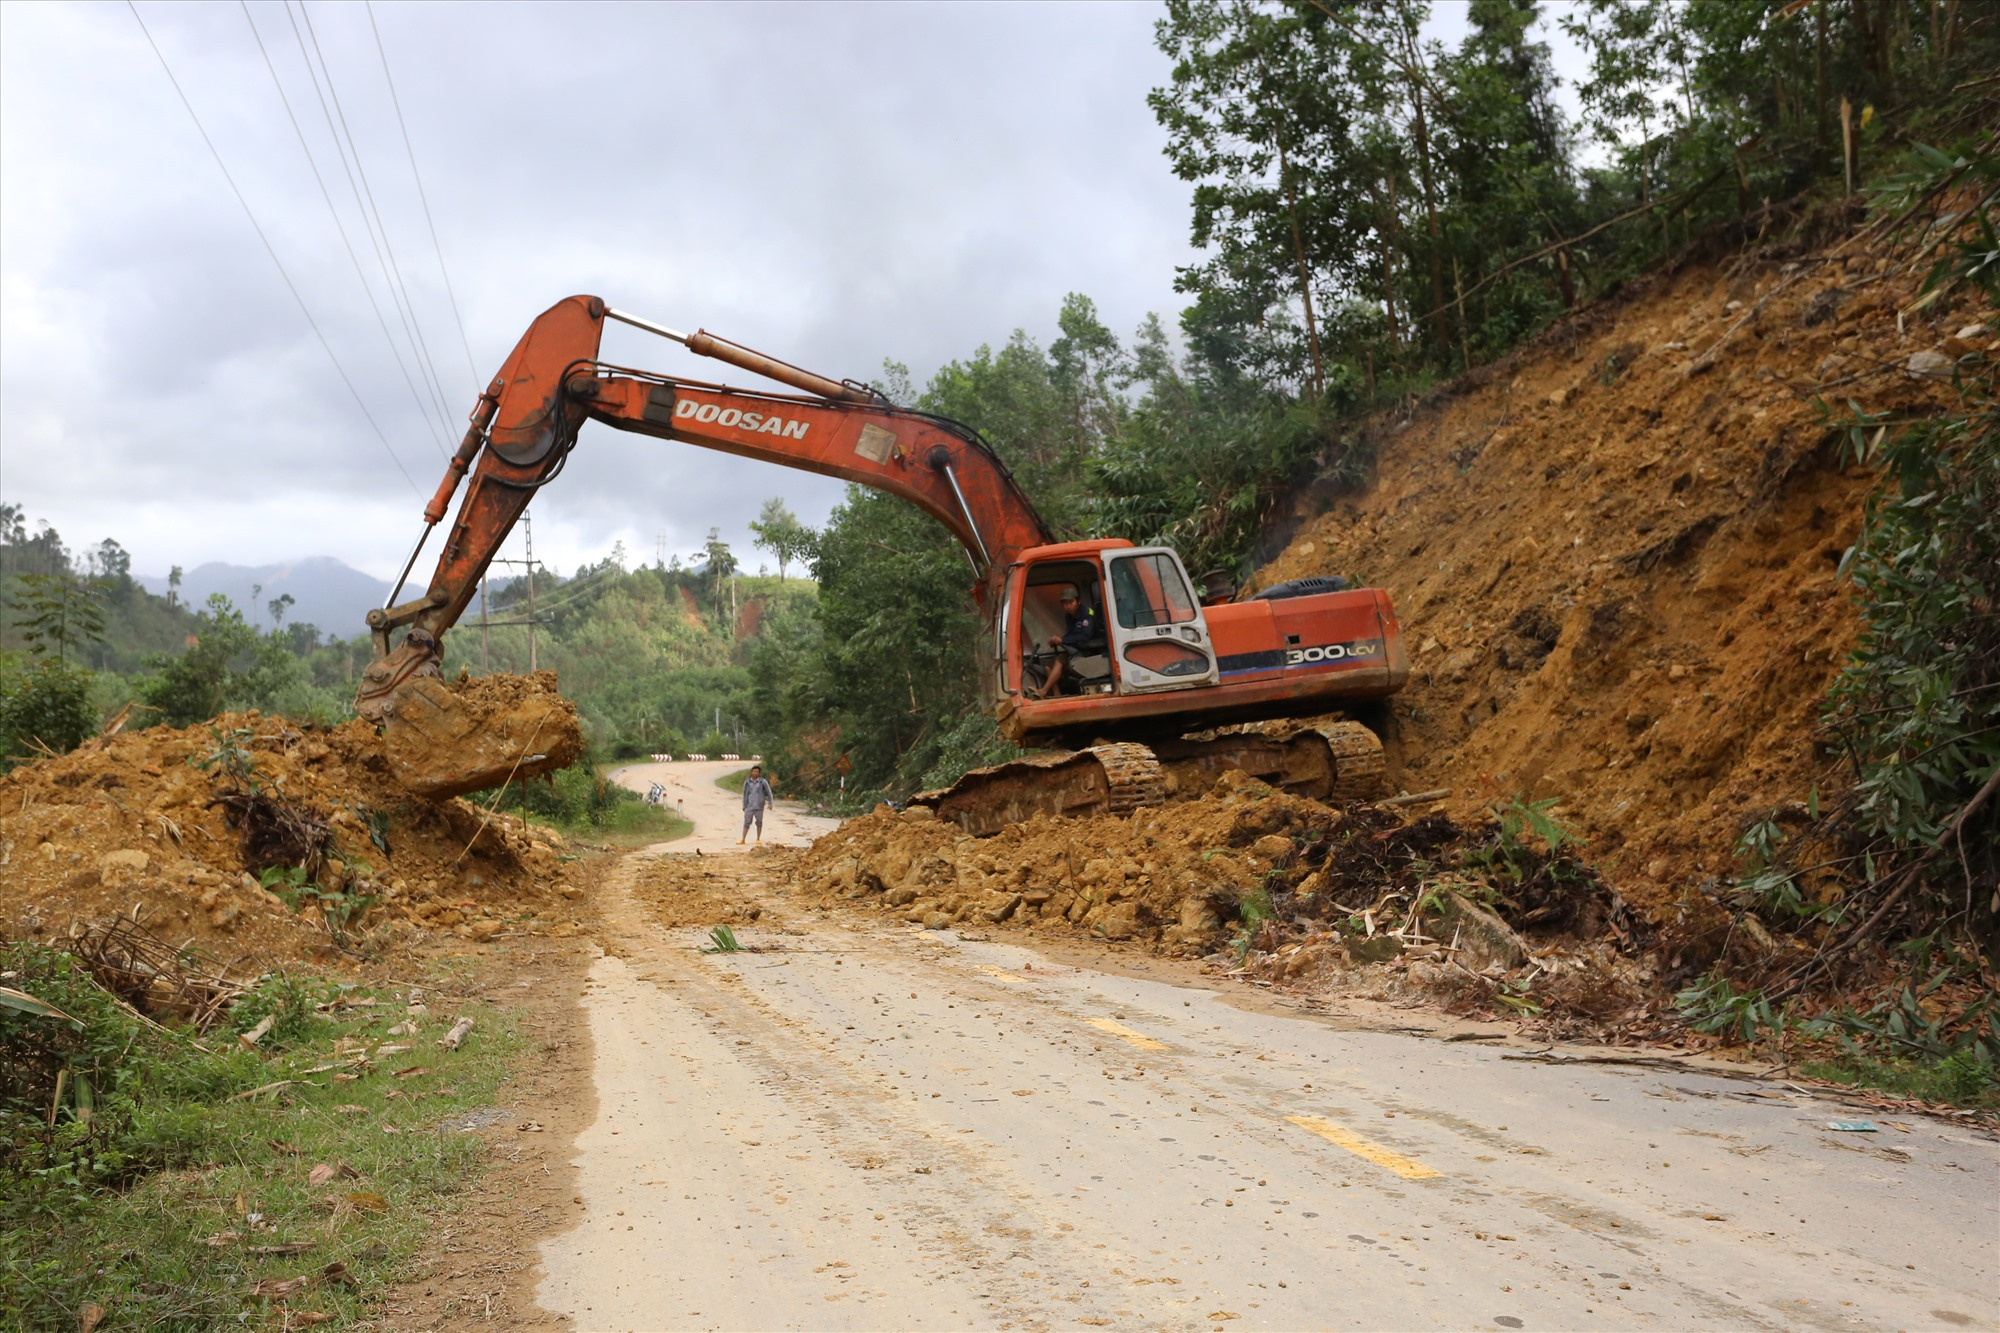 Ngày 25/11, Công ty Cổ phần Xây dựng Giao thông Quảng Nam, đơn vị quản lý quốc lộ 40B, tiếp tục cho phương tiện cơ giới thu dọn đất đá sạt lở xuống đường.